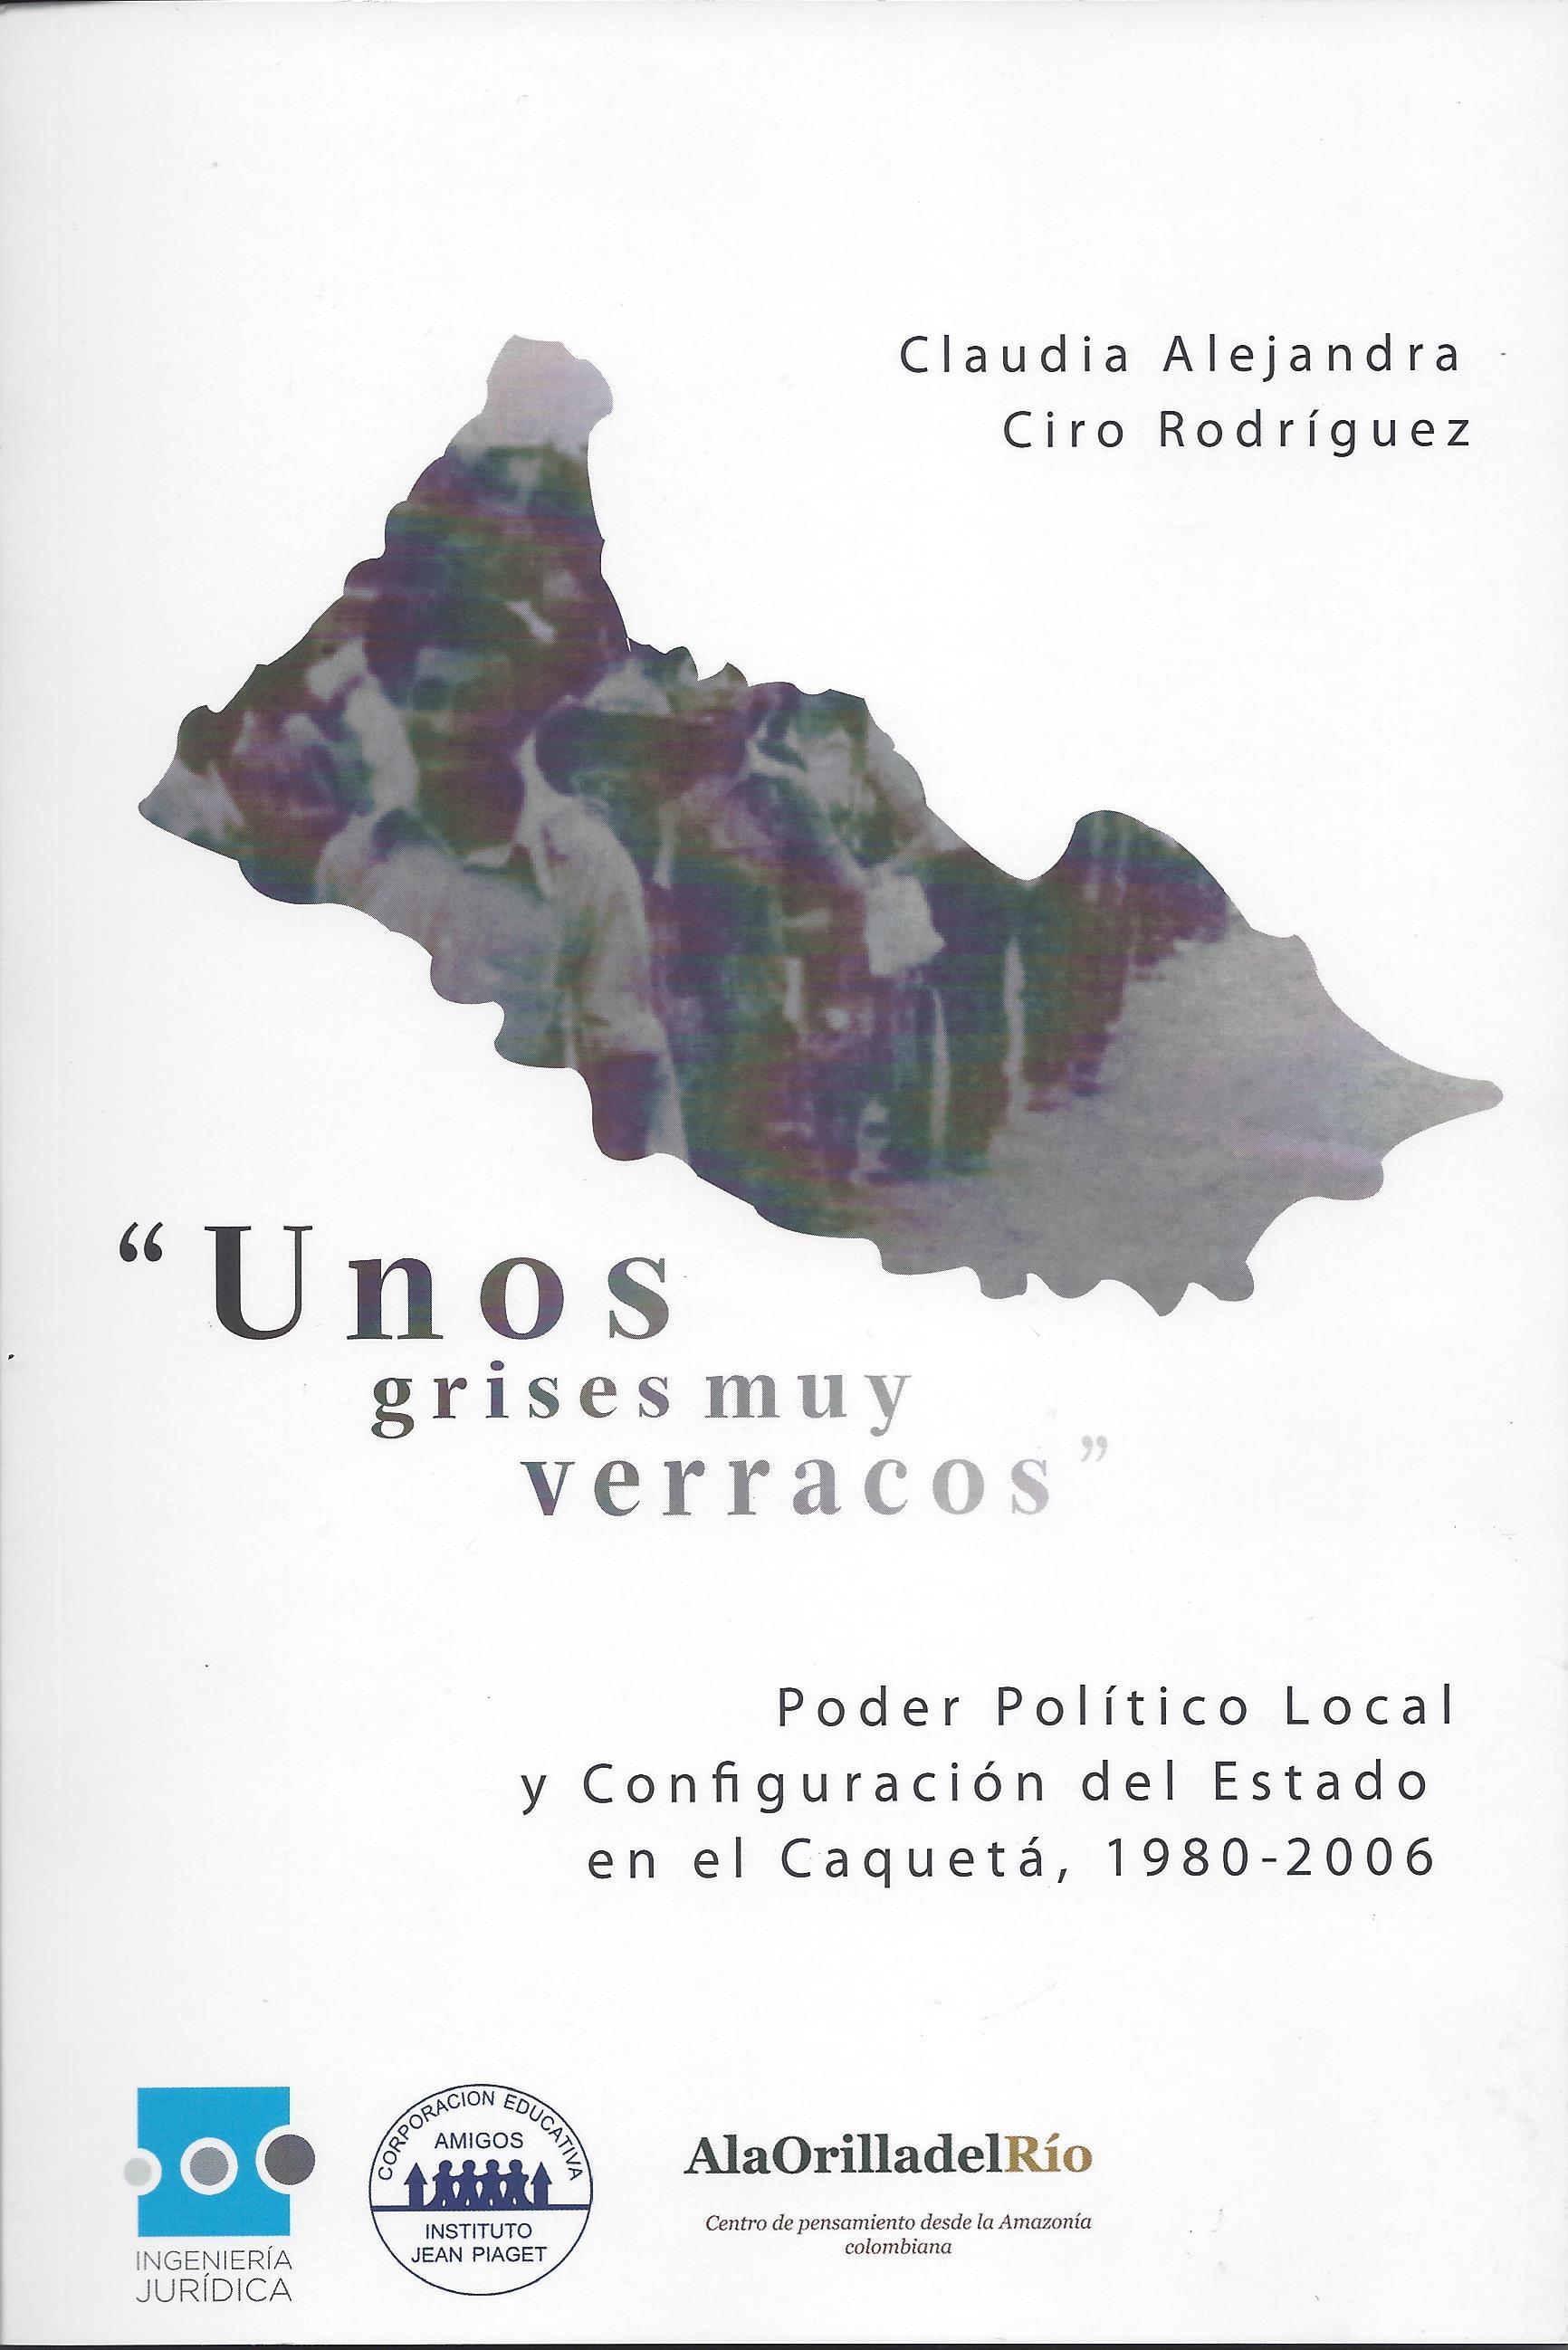 Este trabajo logra aportar en el análisis de la configuración local del estado en Colombia a partir del caso objeto de análisis